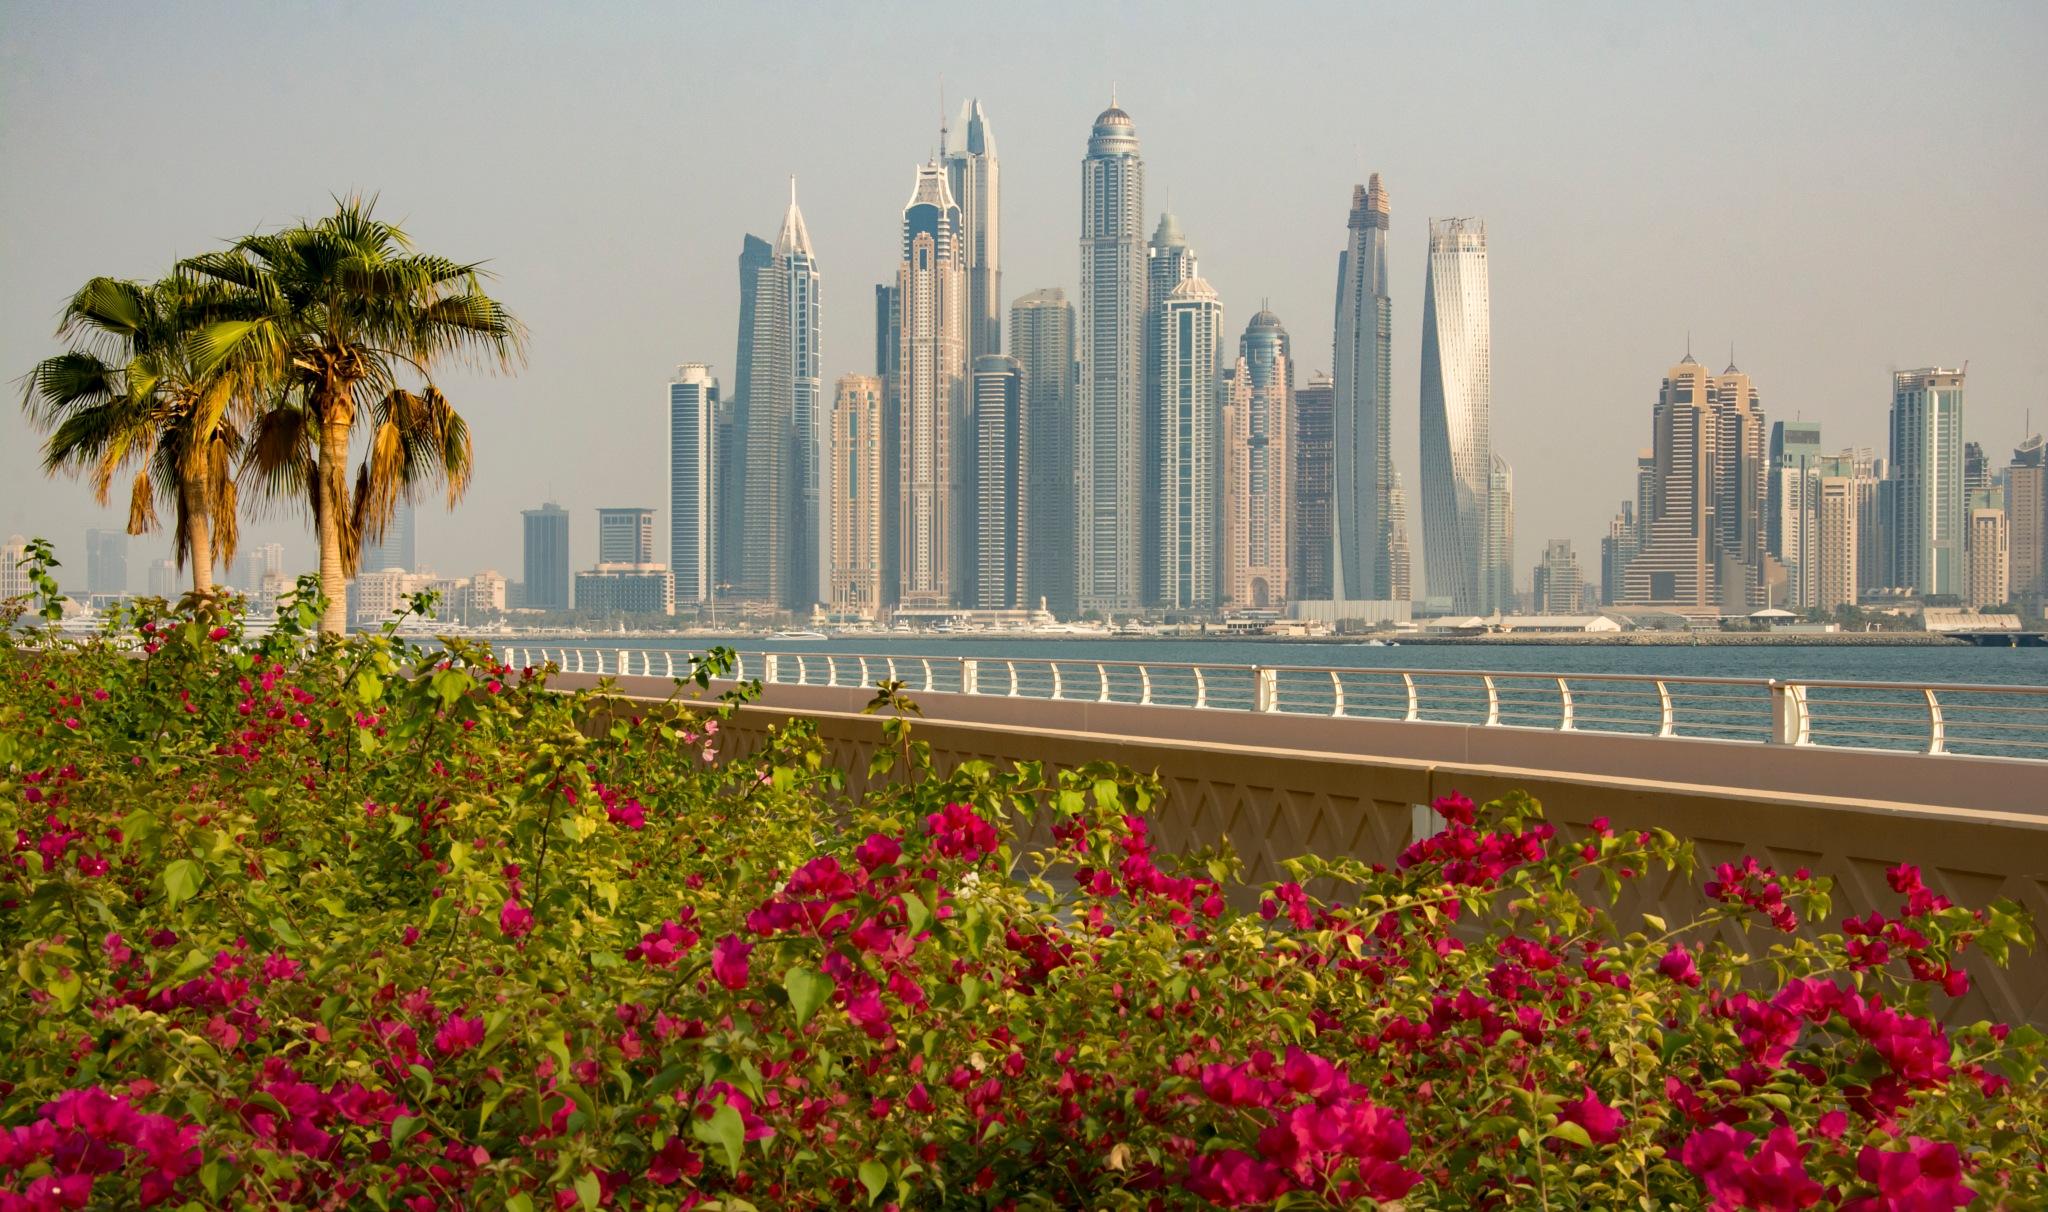 Dubai 2 by nilsons1974